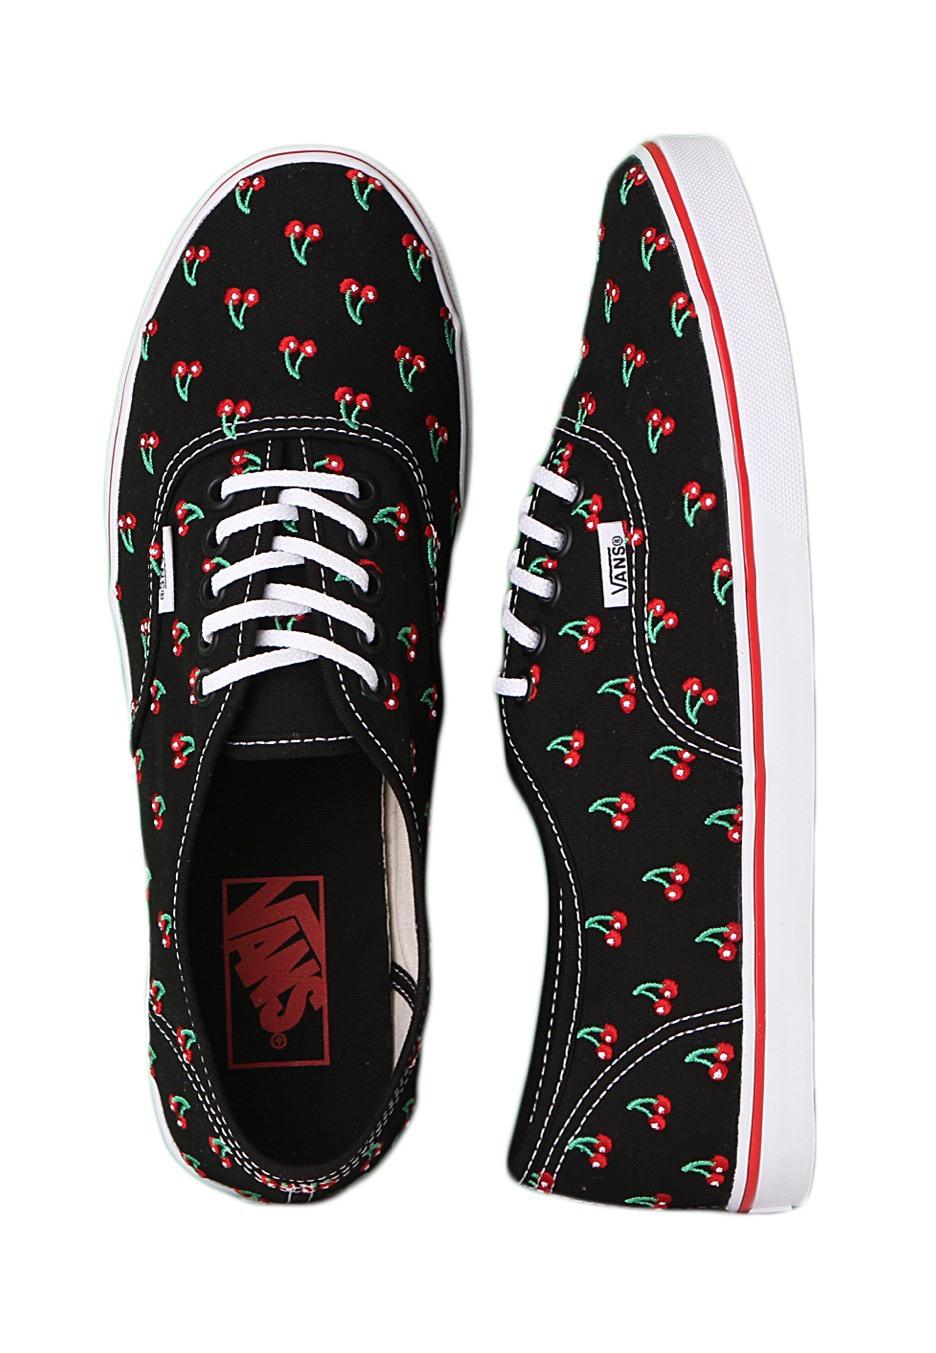 Vans - Authentic Lo Pro Cherry Black - Girl Shoes - Impericon.com UK e3c3dd071